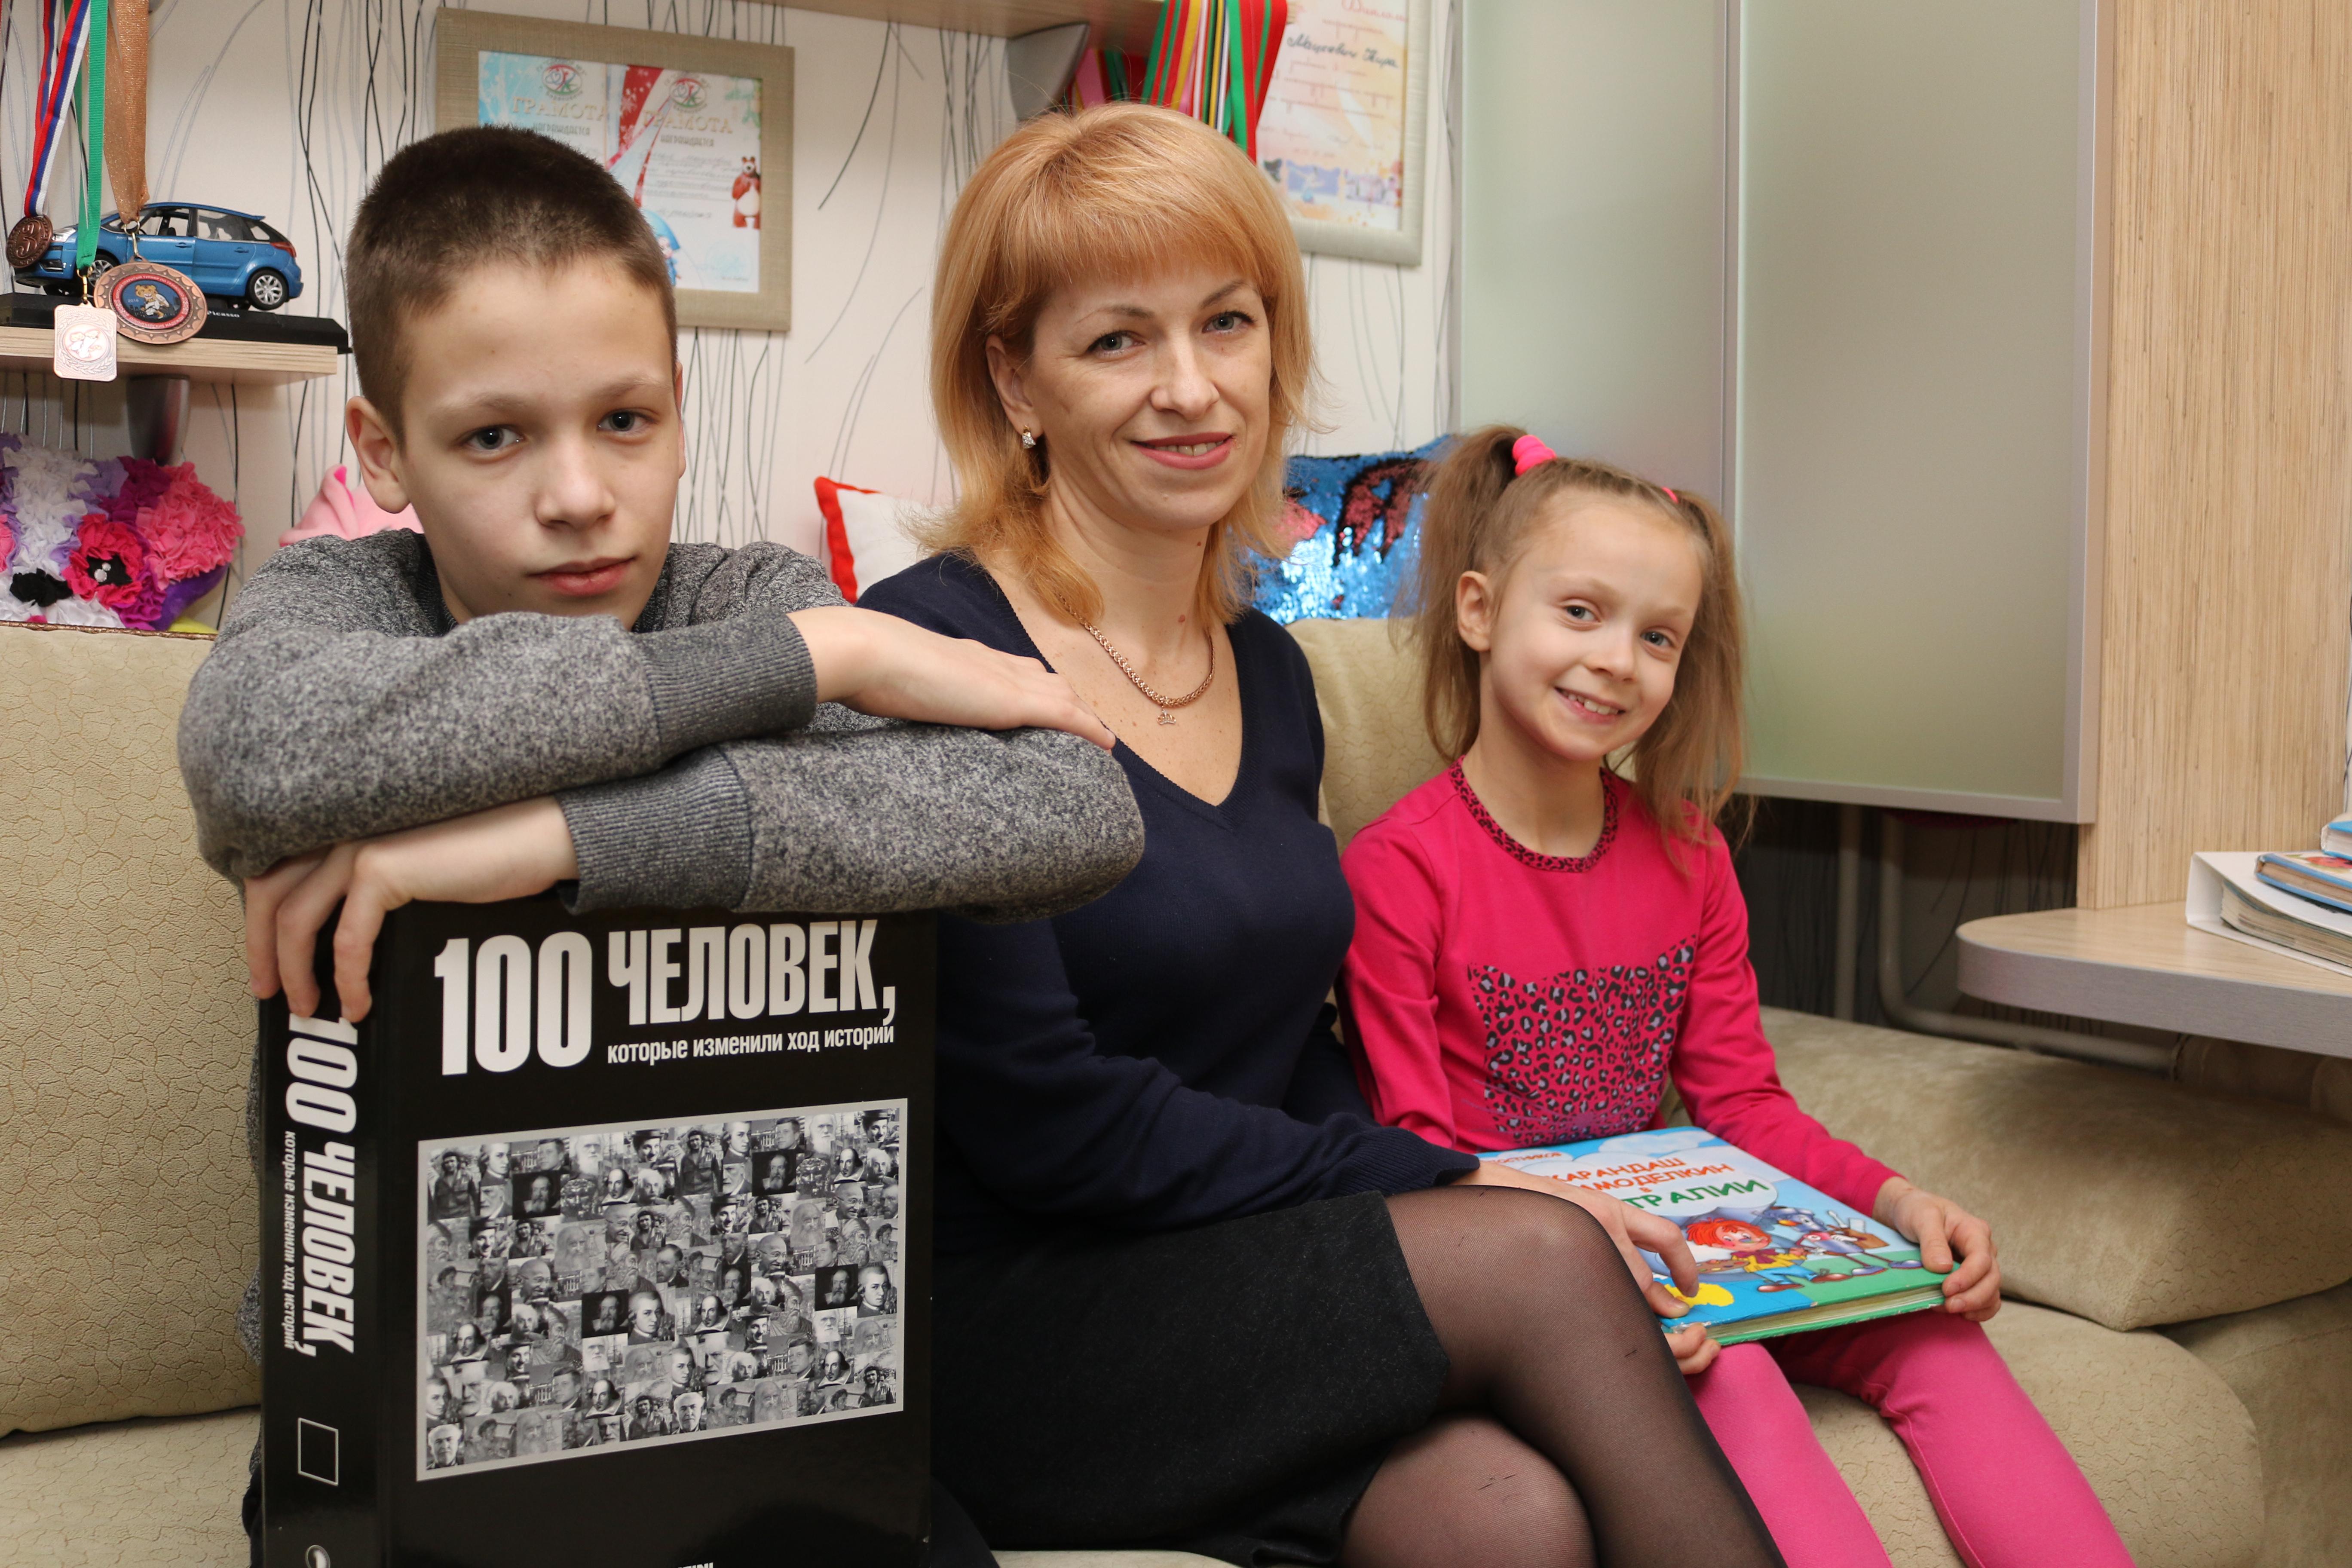 Наталья Мацкевич с сыном Артемом и дочкой Кирой. Фото: Александр ЧЕРНЫЙ